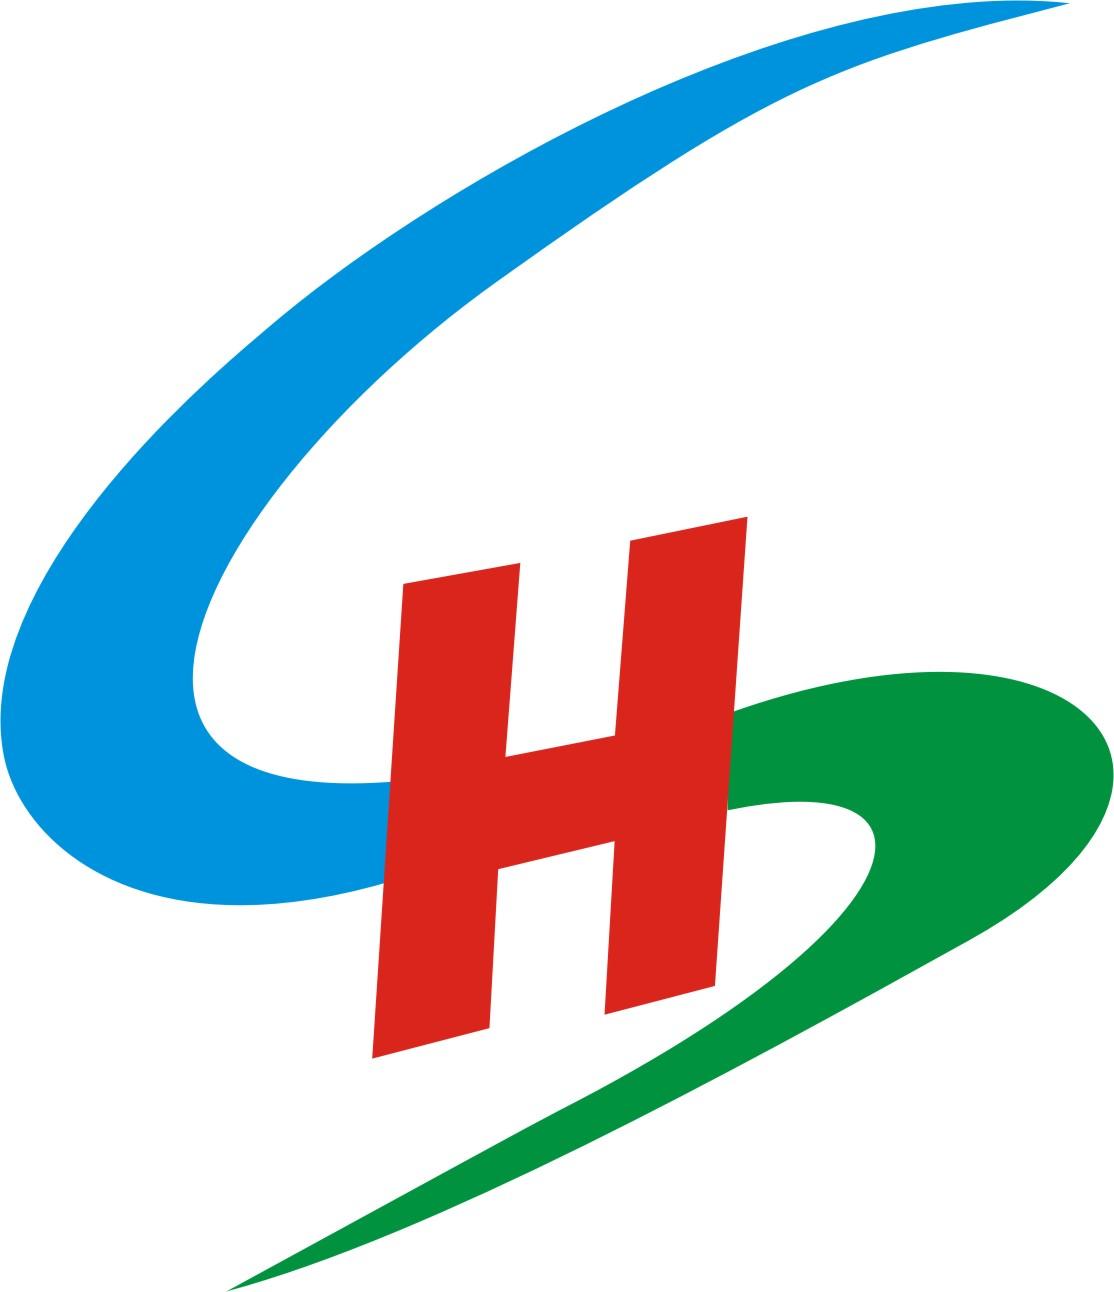 logo logo 标志 设计 矢量 矢量图 素材 图标 1114_1292